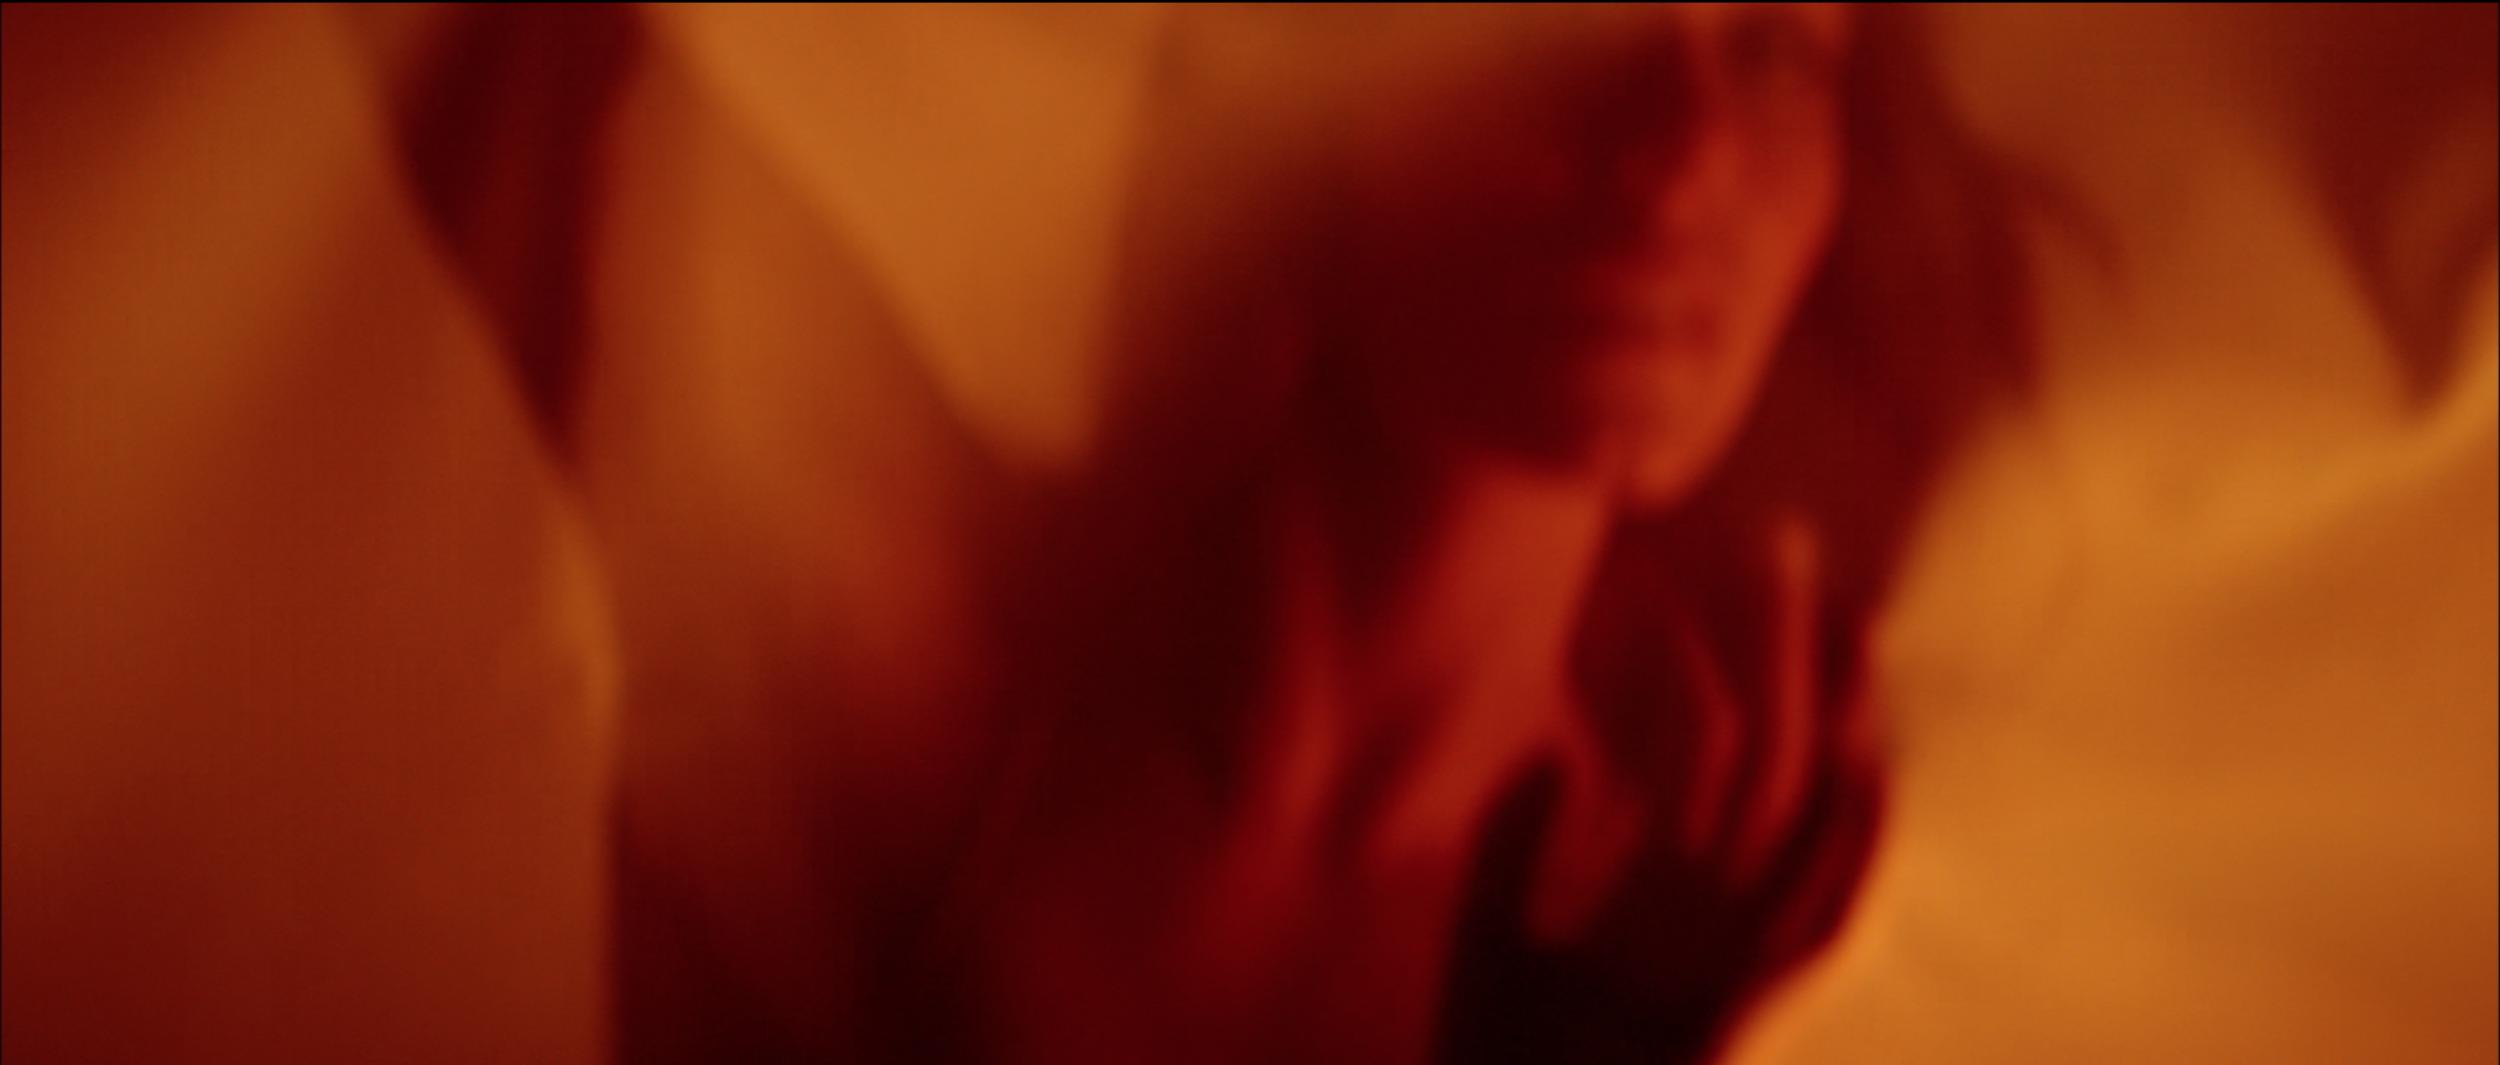 Screen Shot 2019-04-18 at 1.39.41 PM.png